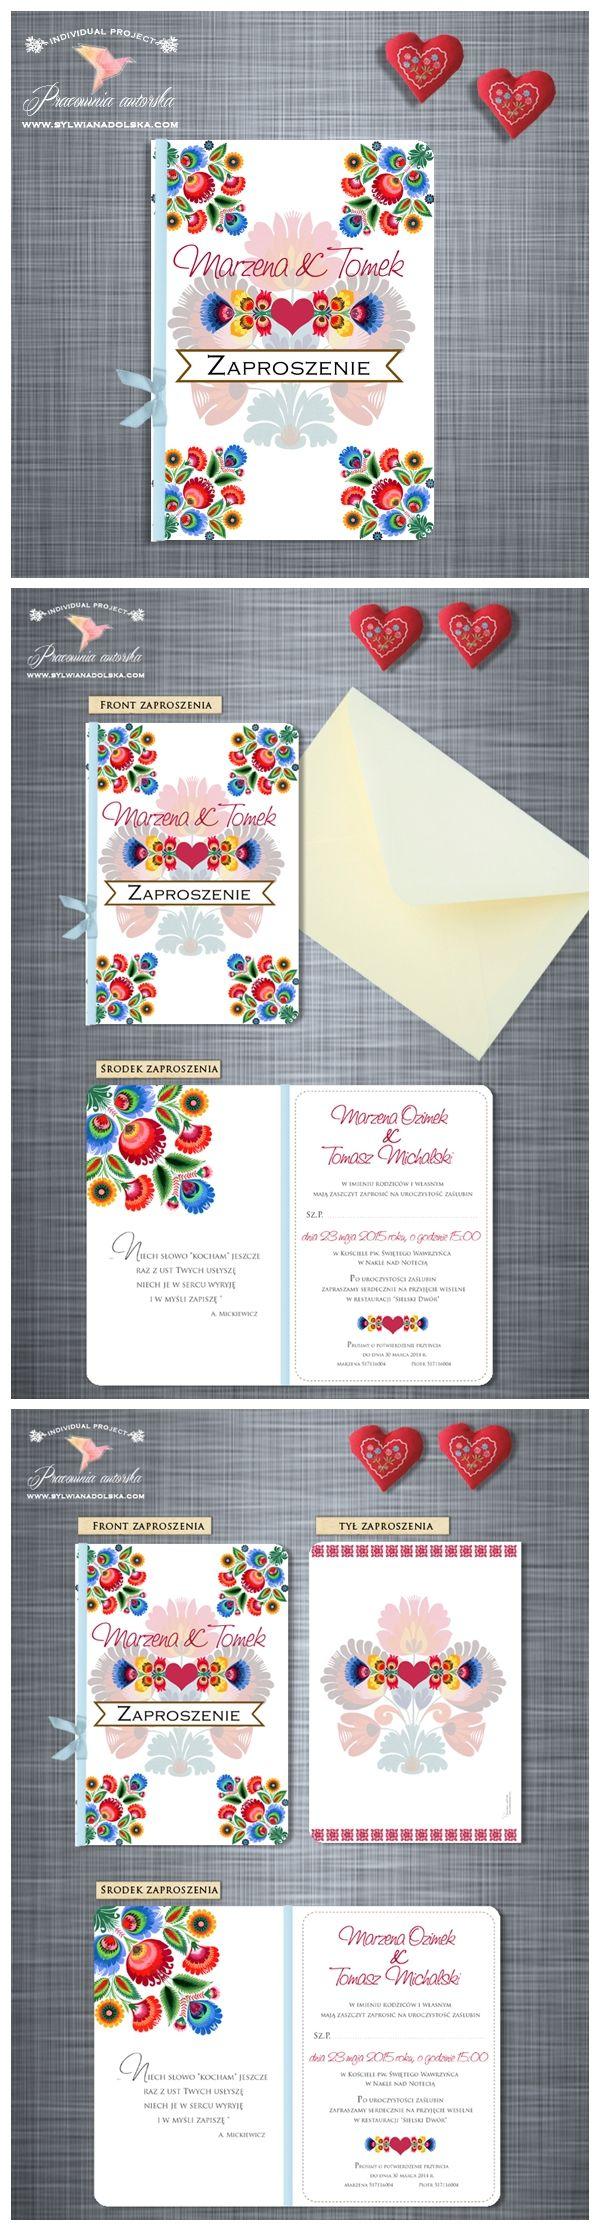 """Opis: Oryginalne zaproszenia ślubne z serii """"FOLK III"""". Drukowane na eleganckim papierze w kolorze białym. Prostokątne, otwierane na bok.   Sylwia Nadolska Papeteria Ślubna http://www.sylwianadolska.com /// #sylwianadolska #zaproszeniaslubne #zaproszenianaslub #zaproszenia #slub #wesele #wedding #folklor #folk #vintage #winietki #papeteria #dodatkislubne #zaproszenia"""